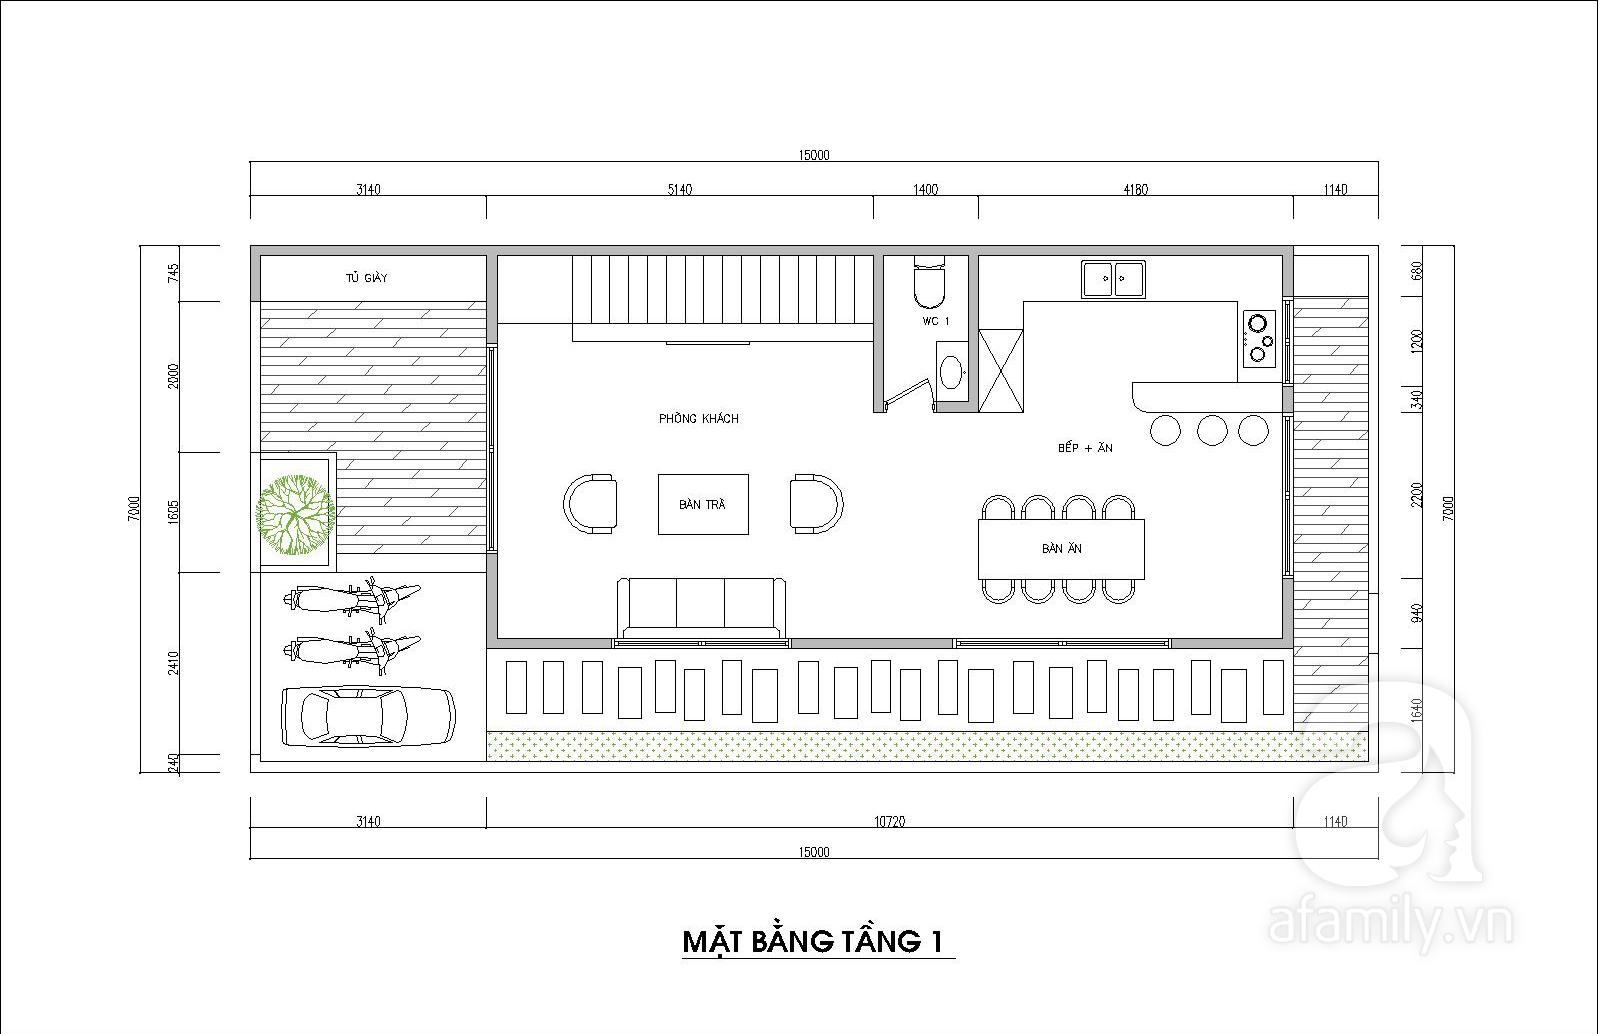 Kiến trúc sư tư vấn thiết kế hợp lý mẫu nhà ống 2 tầng diện tích nhỏ, đầy đủ tiện nghi cho gia đình 3 người với chi phí gần 200 triệu đồng - Ảnh 2.